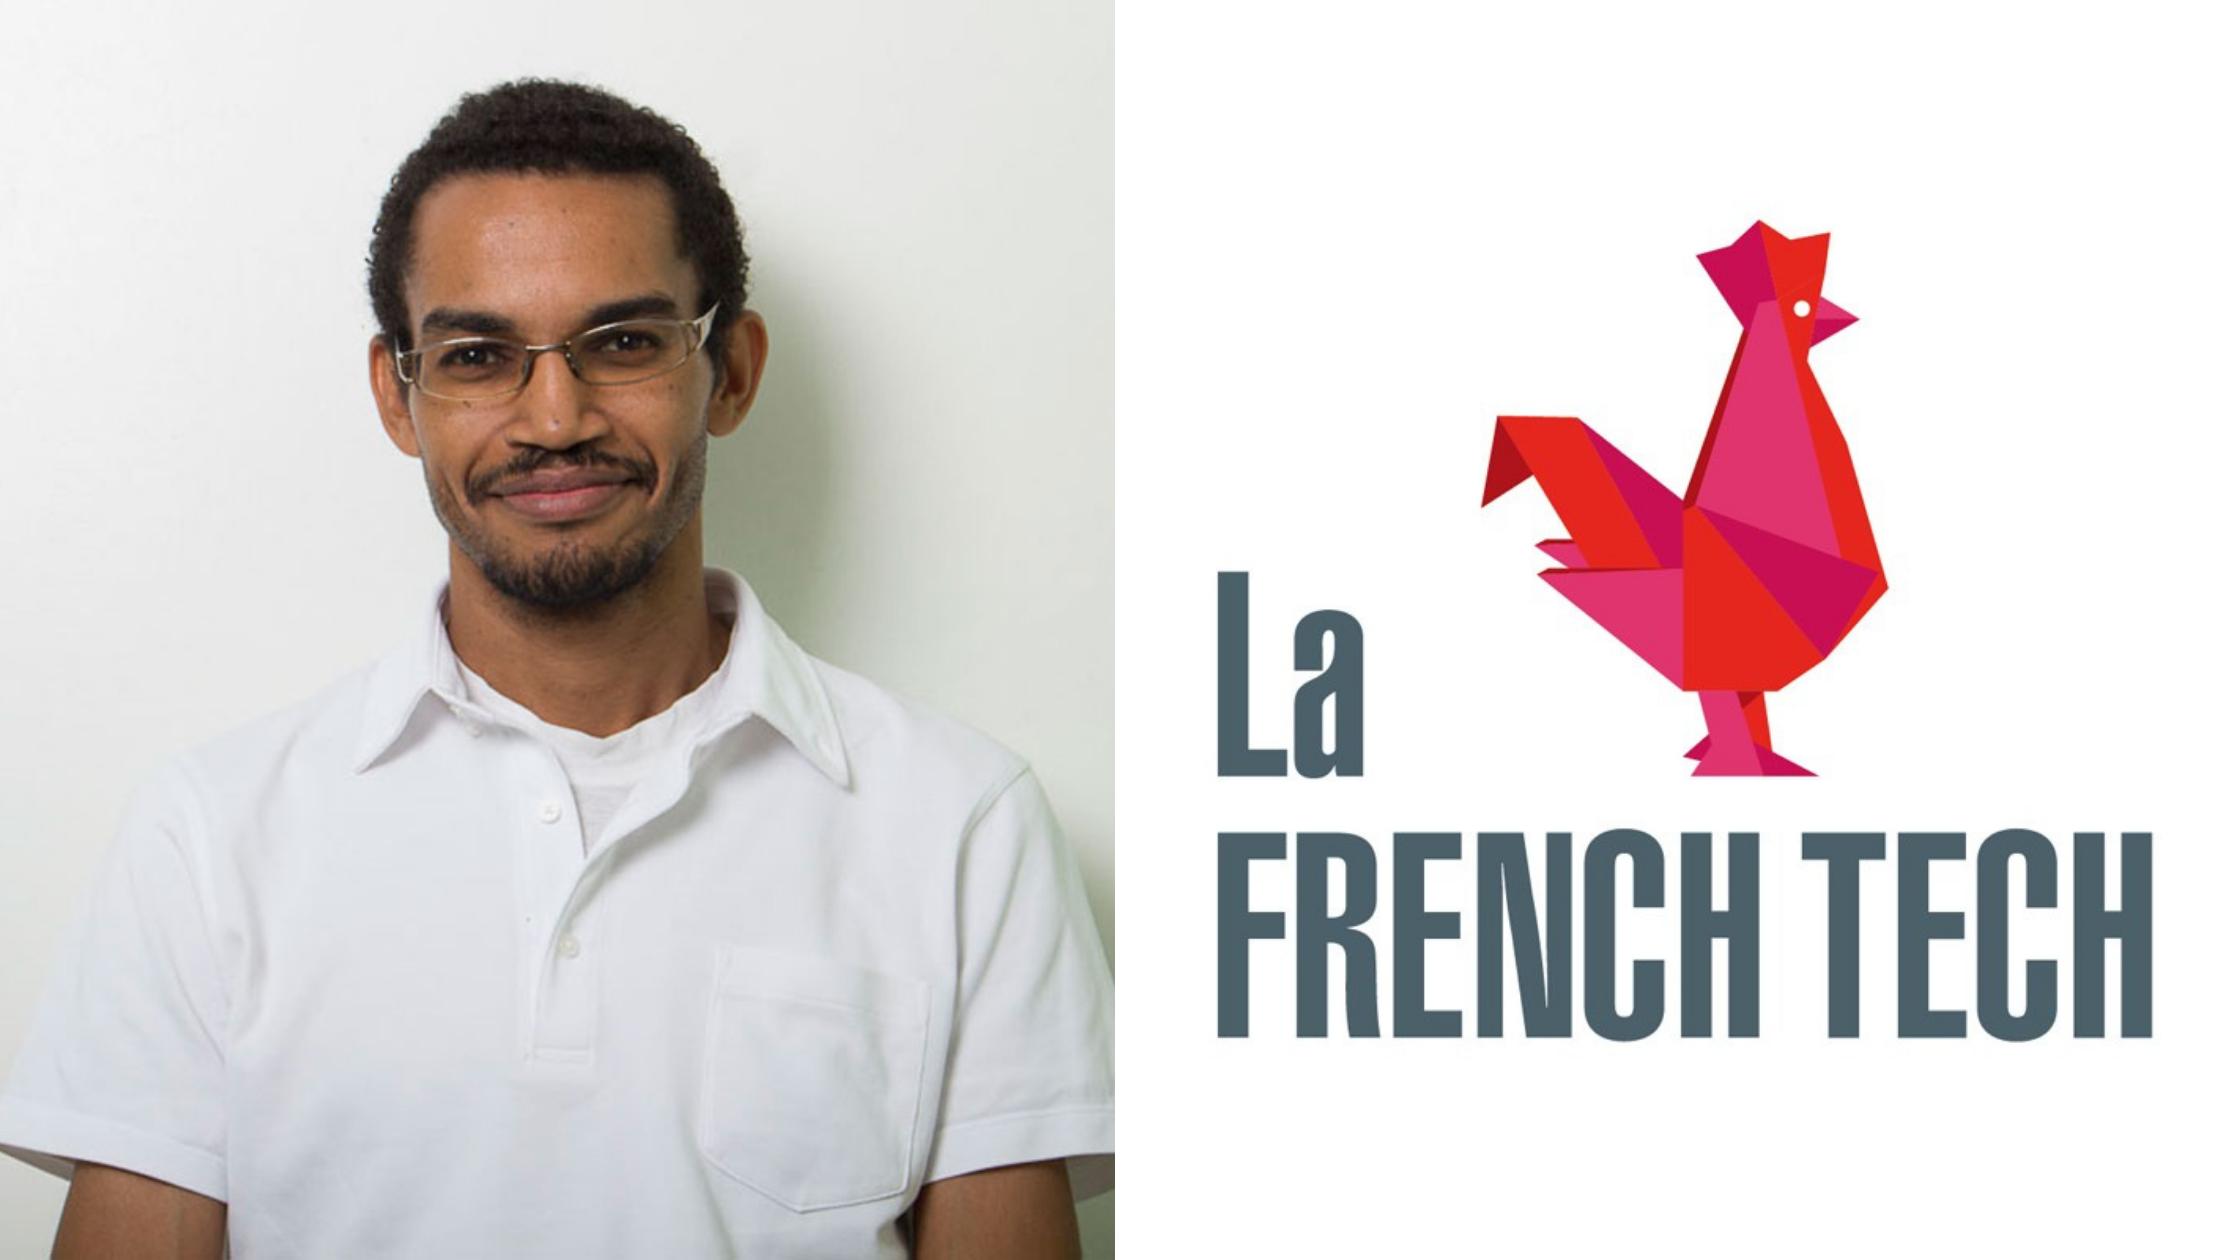 Candidature de Mayotte à French Tech : Feycoil Mouhoussoune,« Mayotte a sa place au sein de l'innovation»